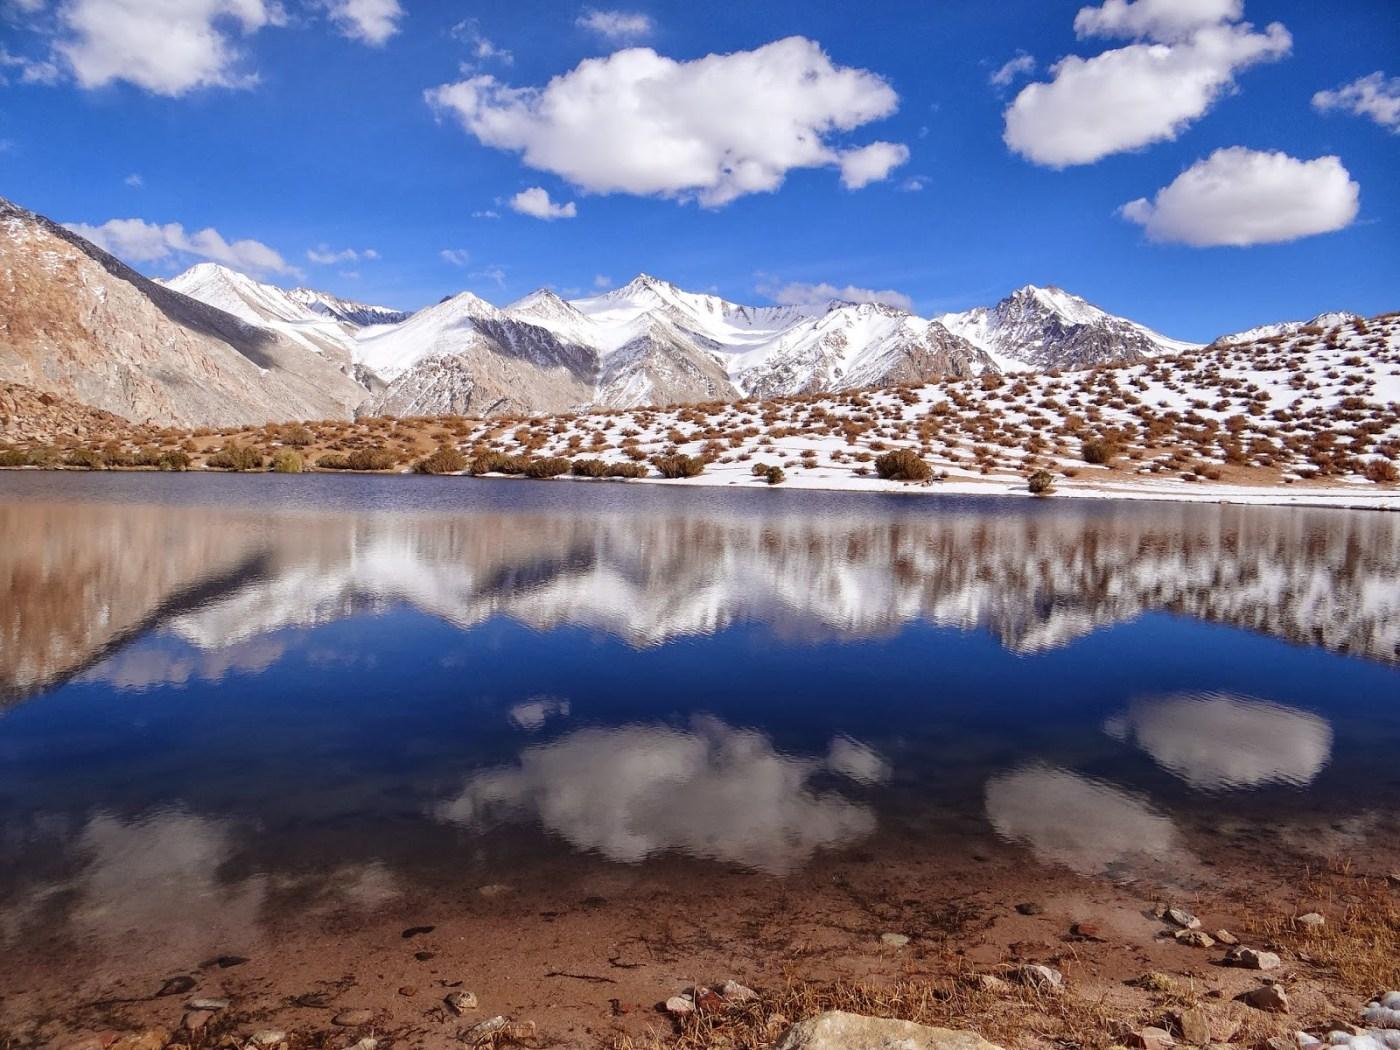 Wikiloc | Picture of Laguna el cepo, Final Ruta (1/1)